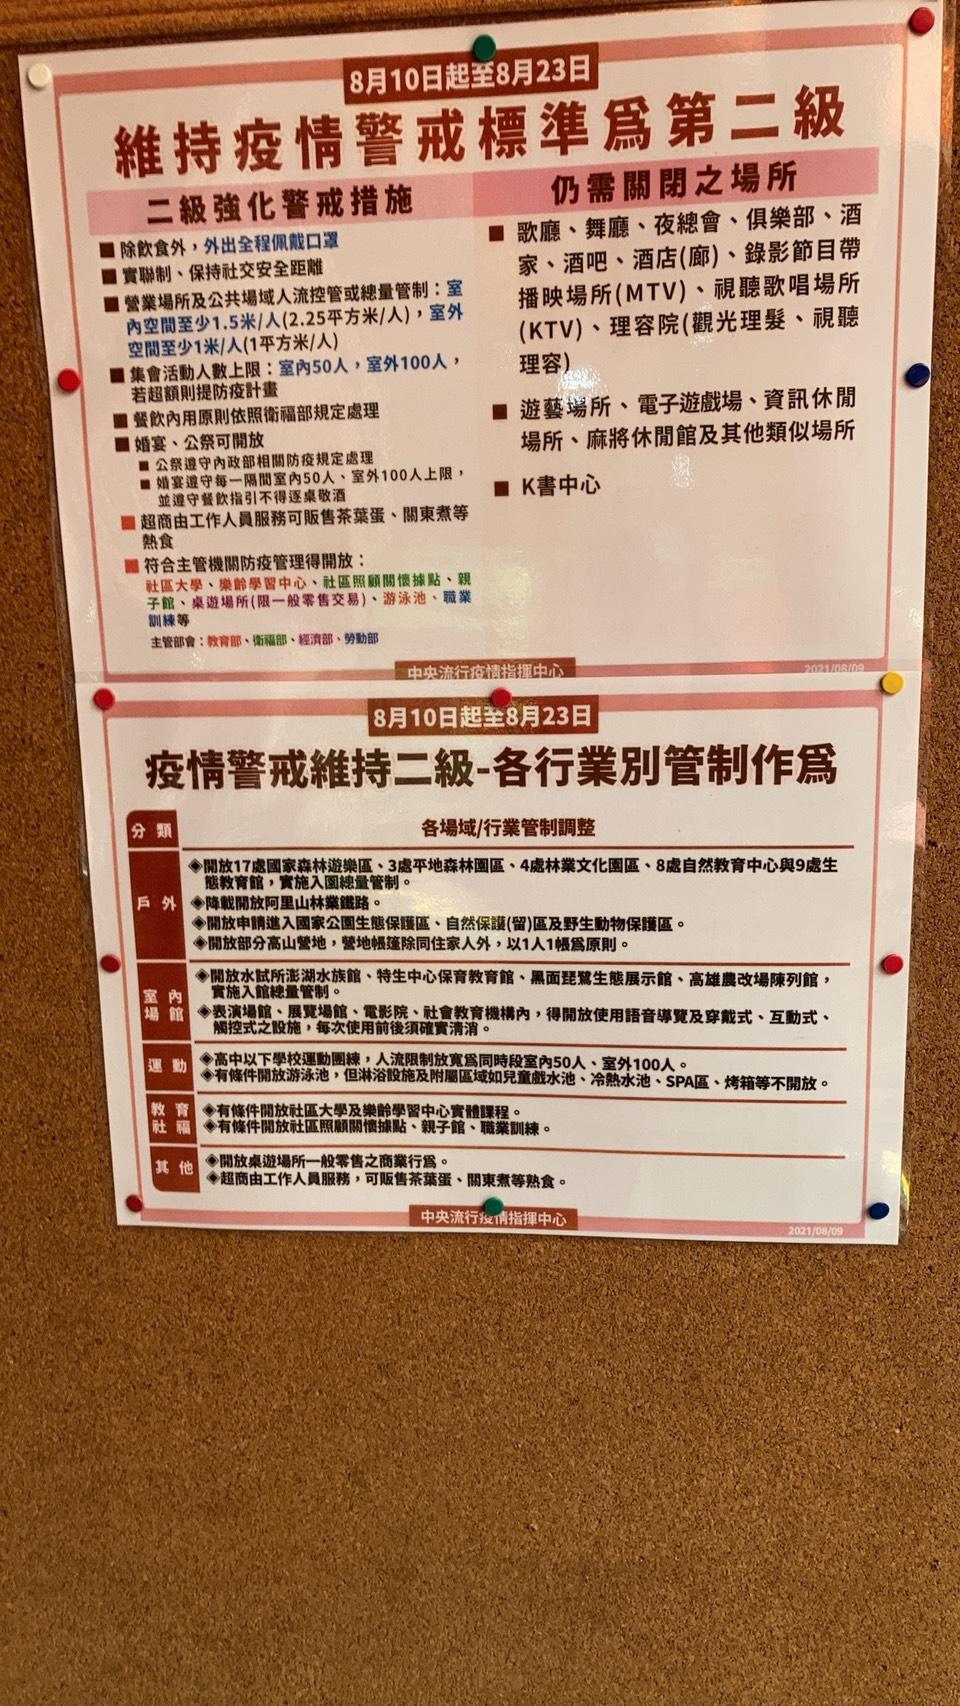 公告:配合政府防疫政策,8月10日起至8月23日維持疫情警戒標準為二級